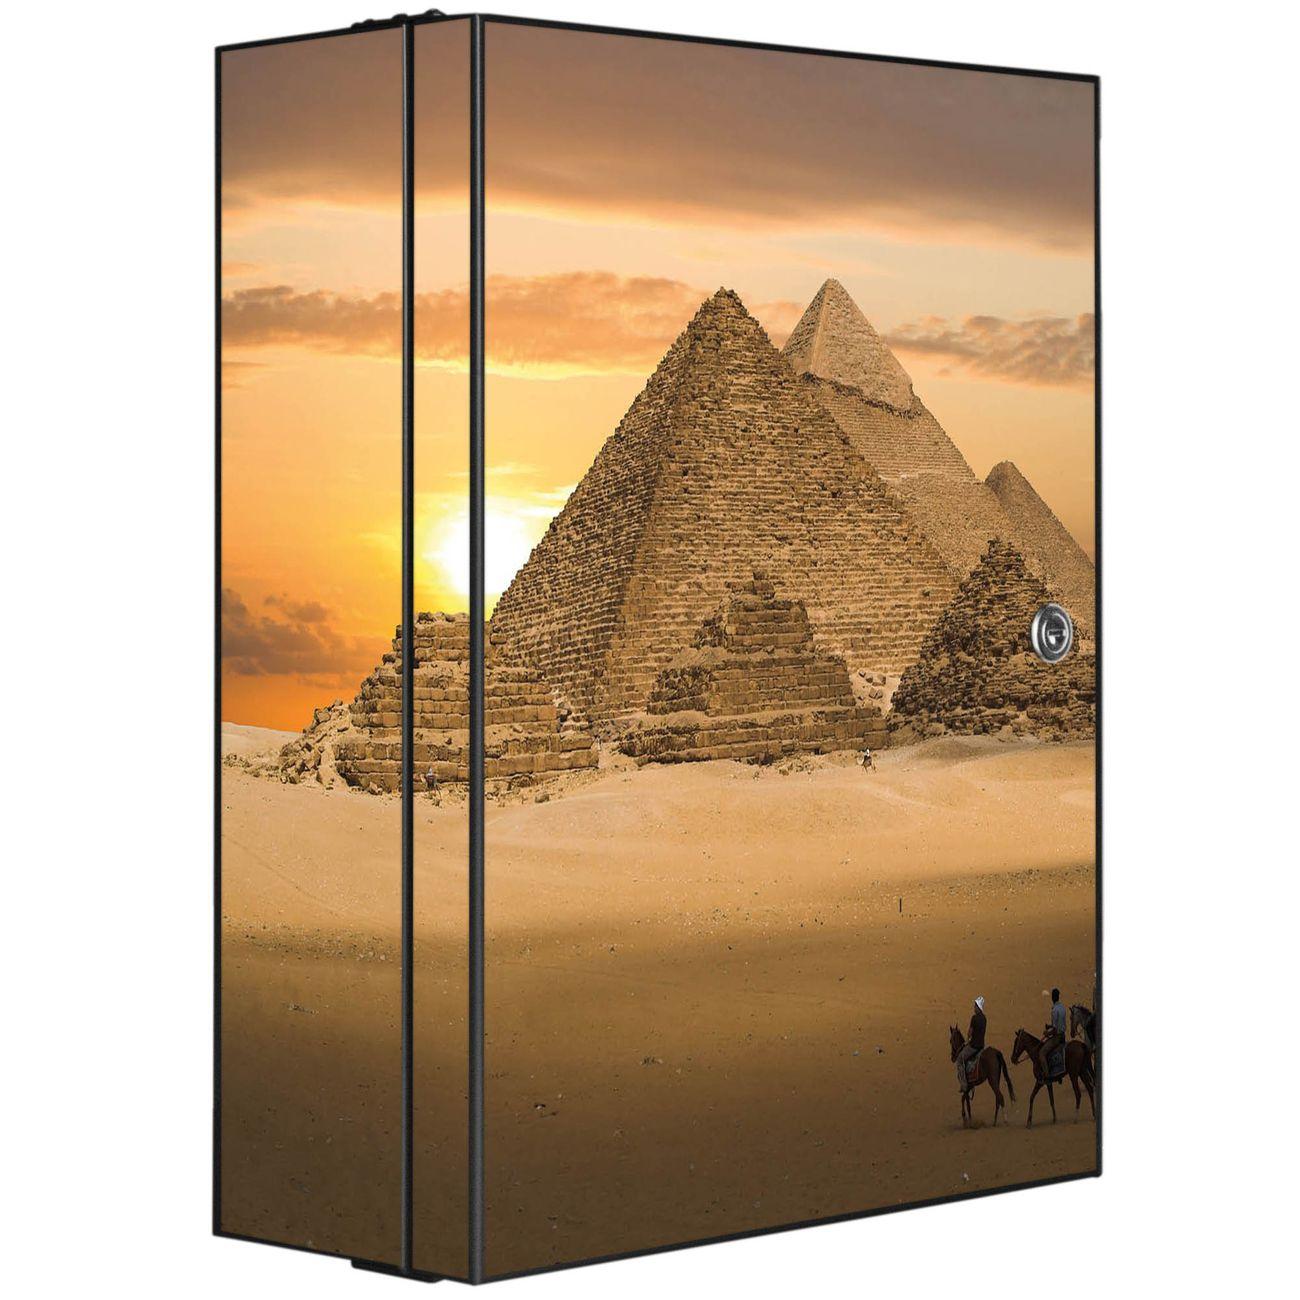 Medizinschrank Stahl Motiv Pyramiden